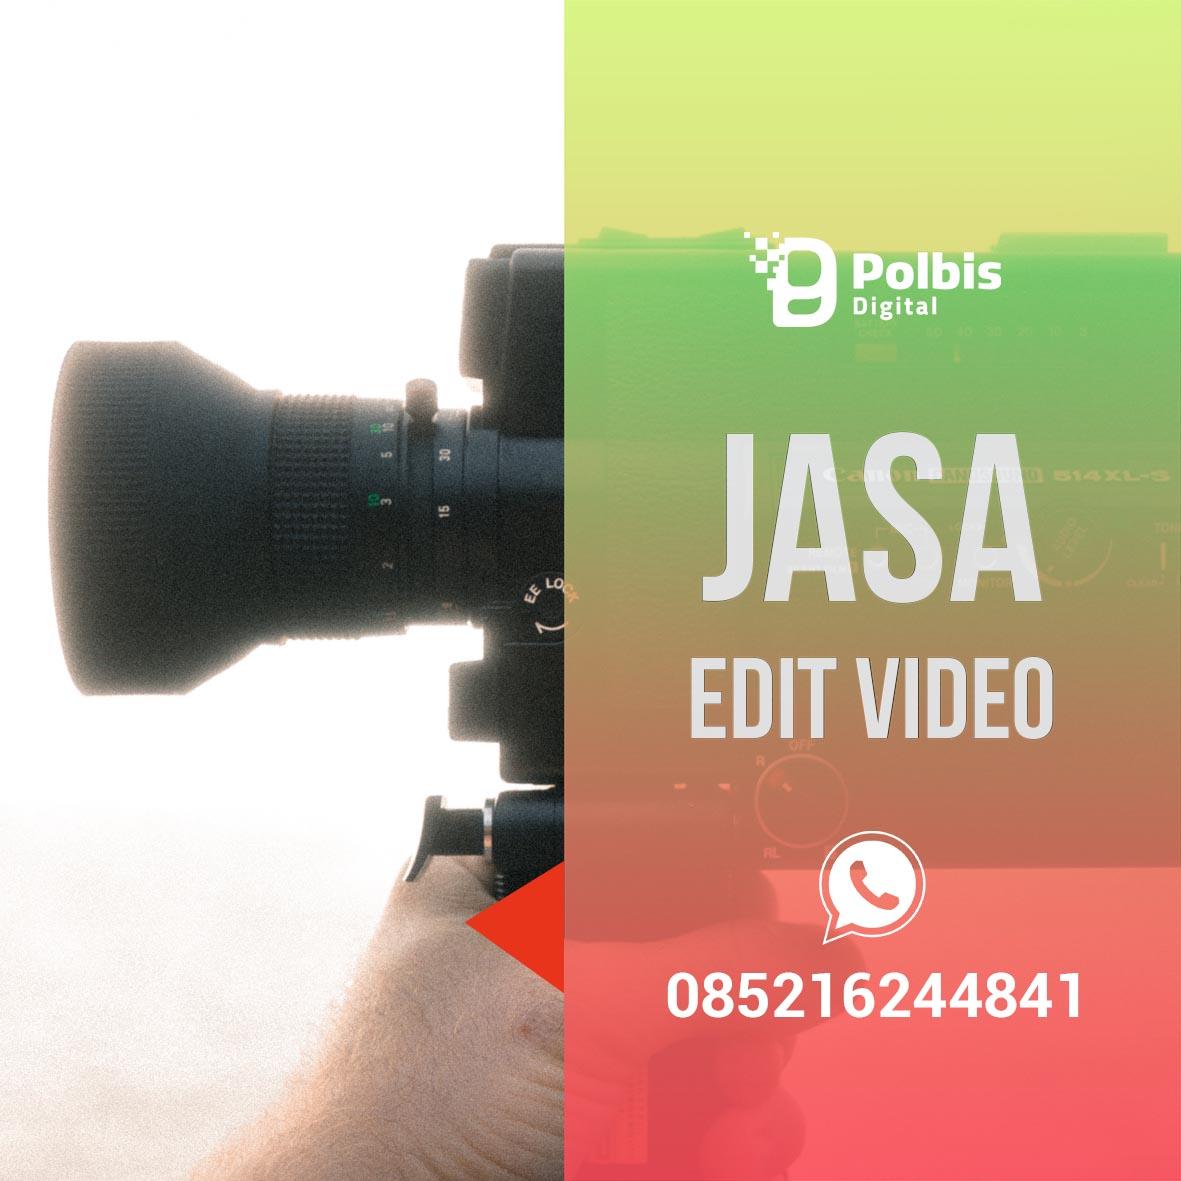 JASA EDIT VIDEO MURAH DAN BERKUALITAS DI SEMARANG